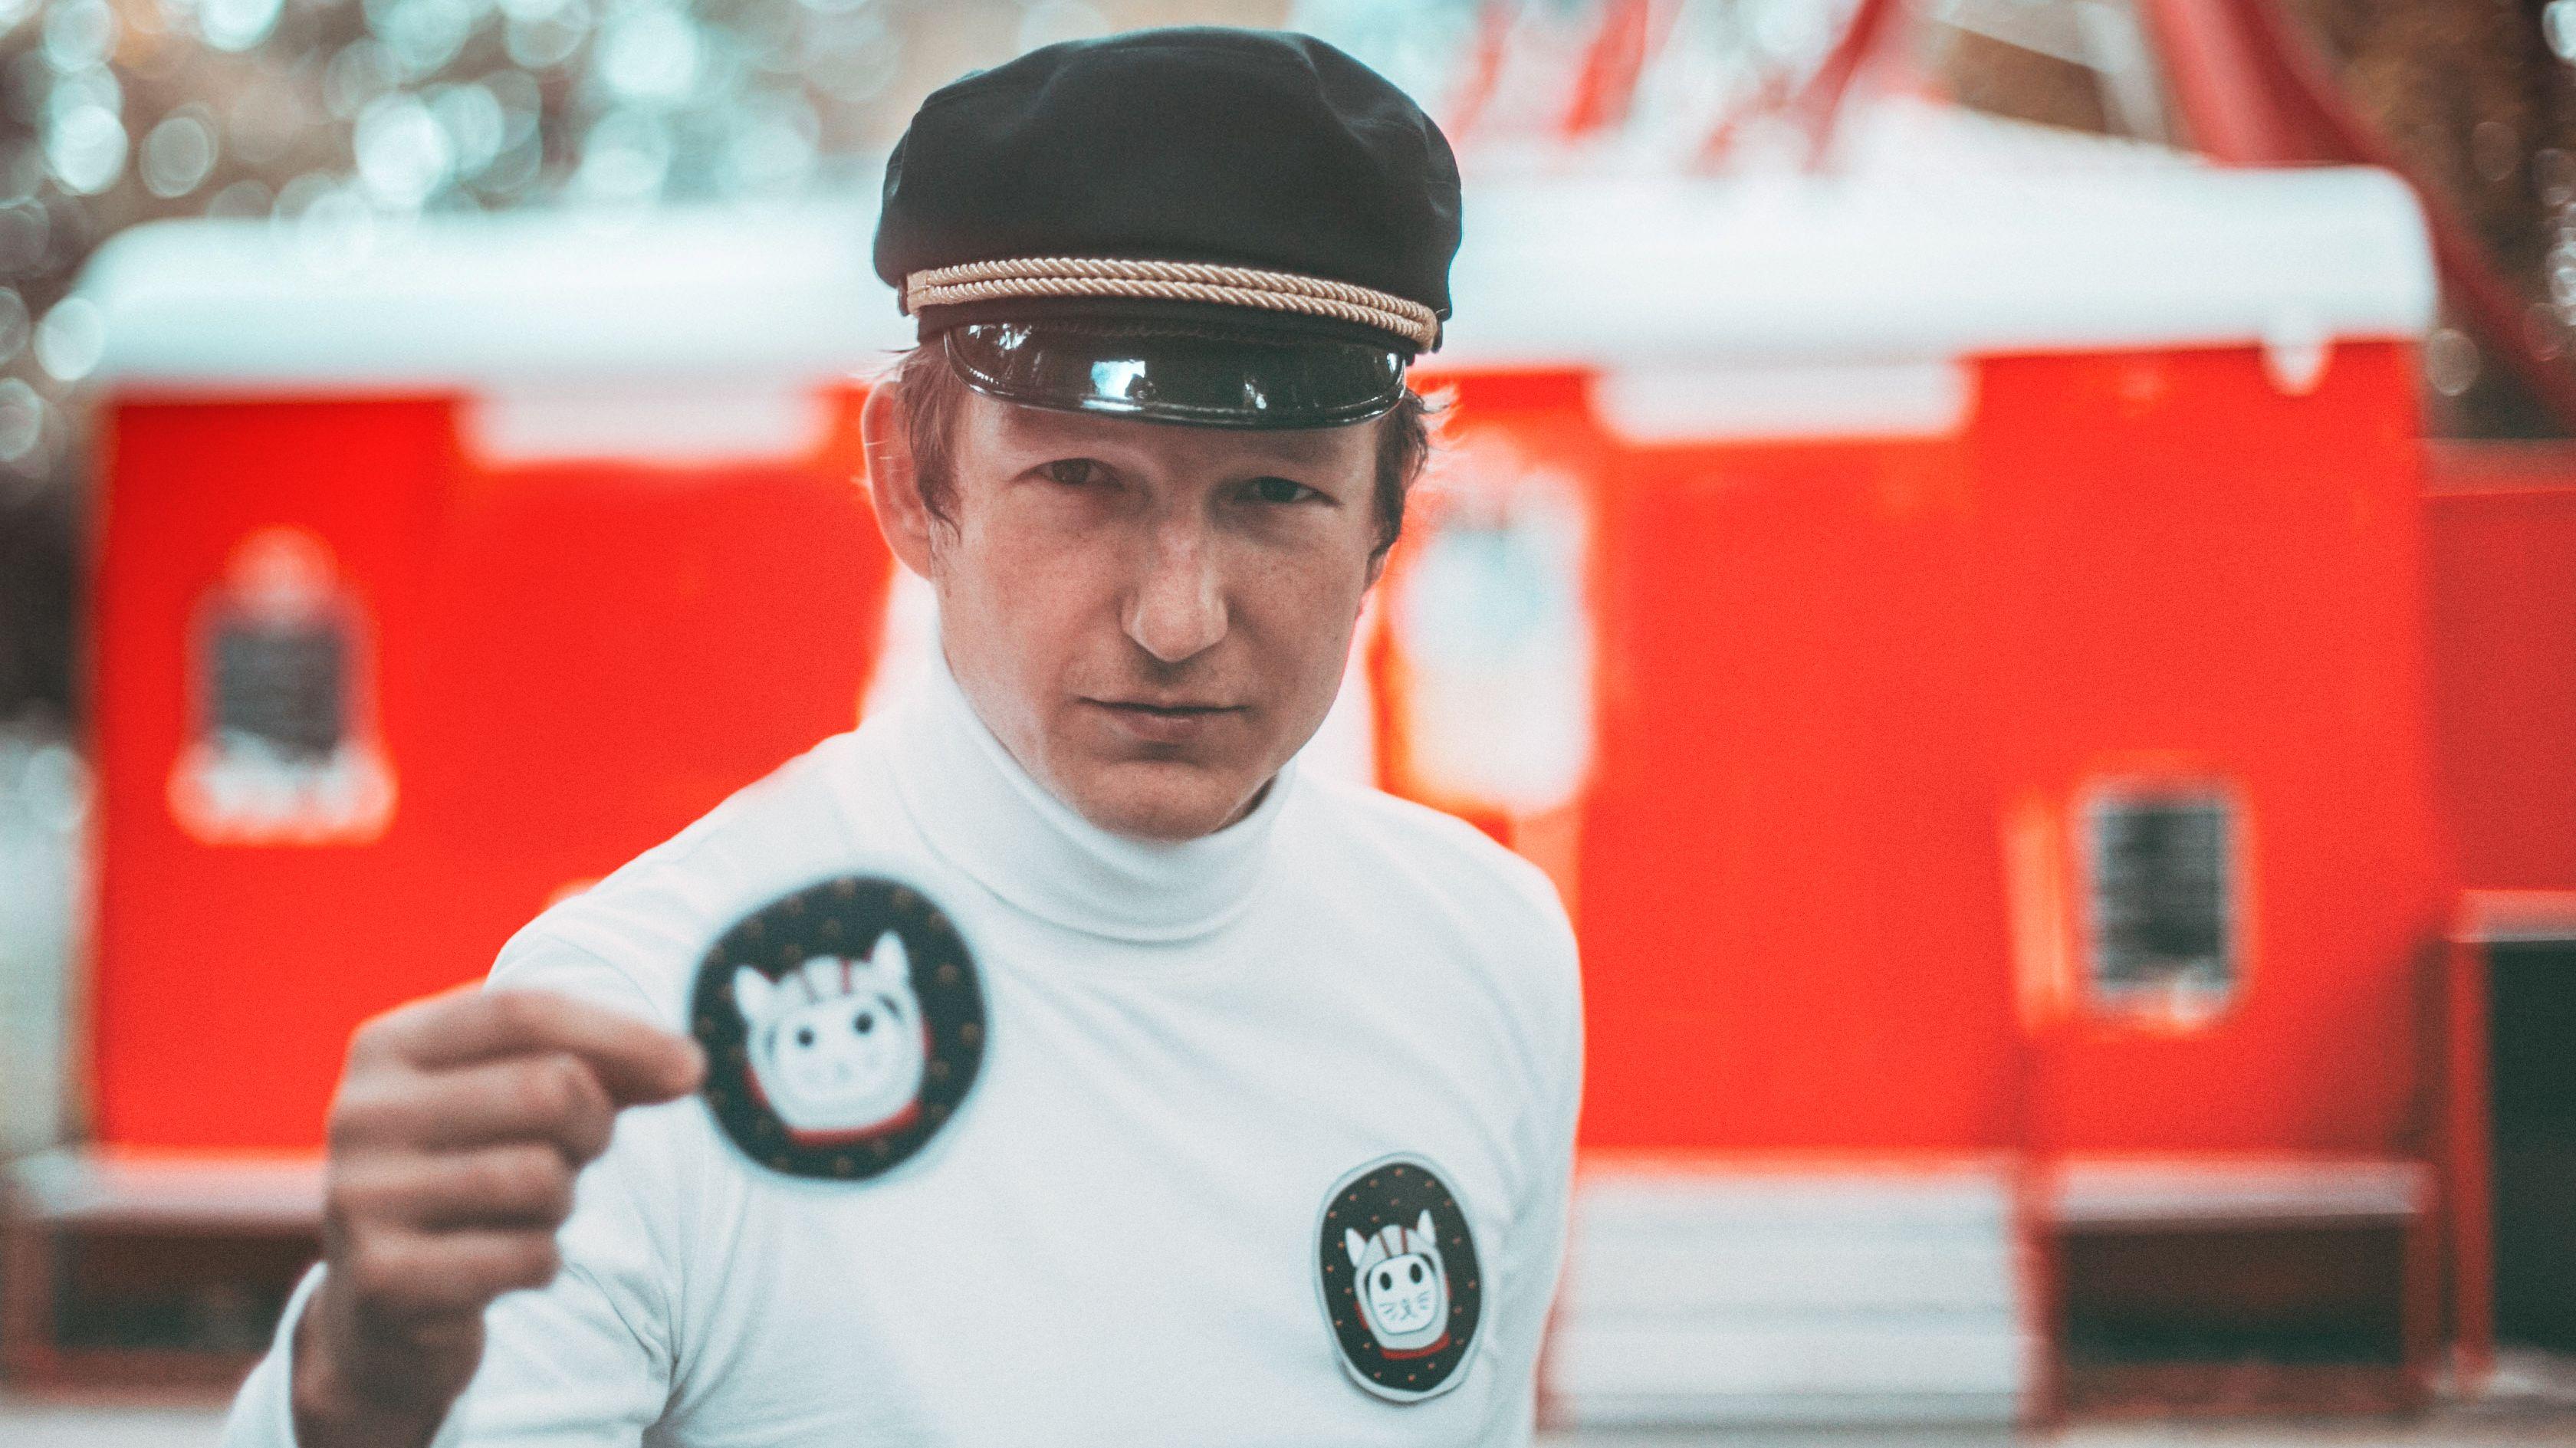 Sänger pauT mit Kapitänsmütze, weißem Rolli und Weltraumkatzen-Stickern, im Hintergrund ein knallroter Bauwagen